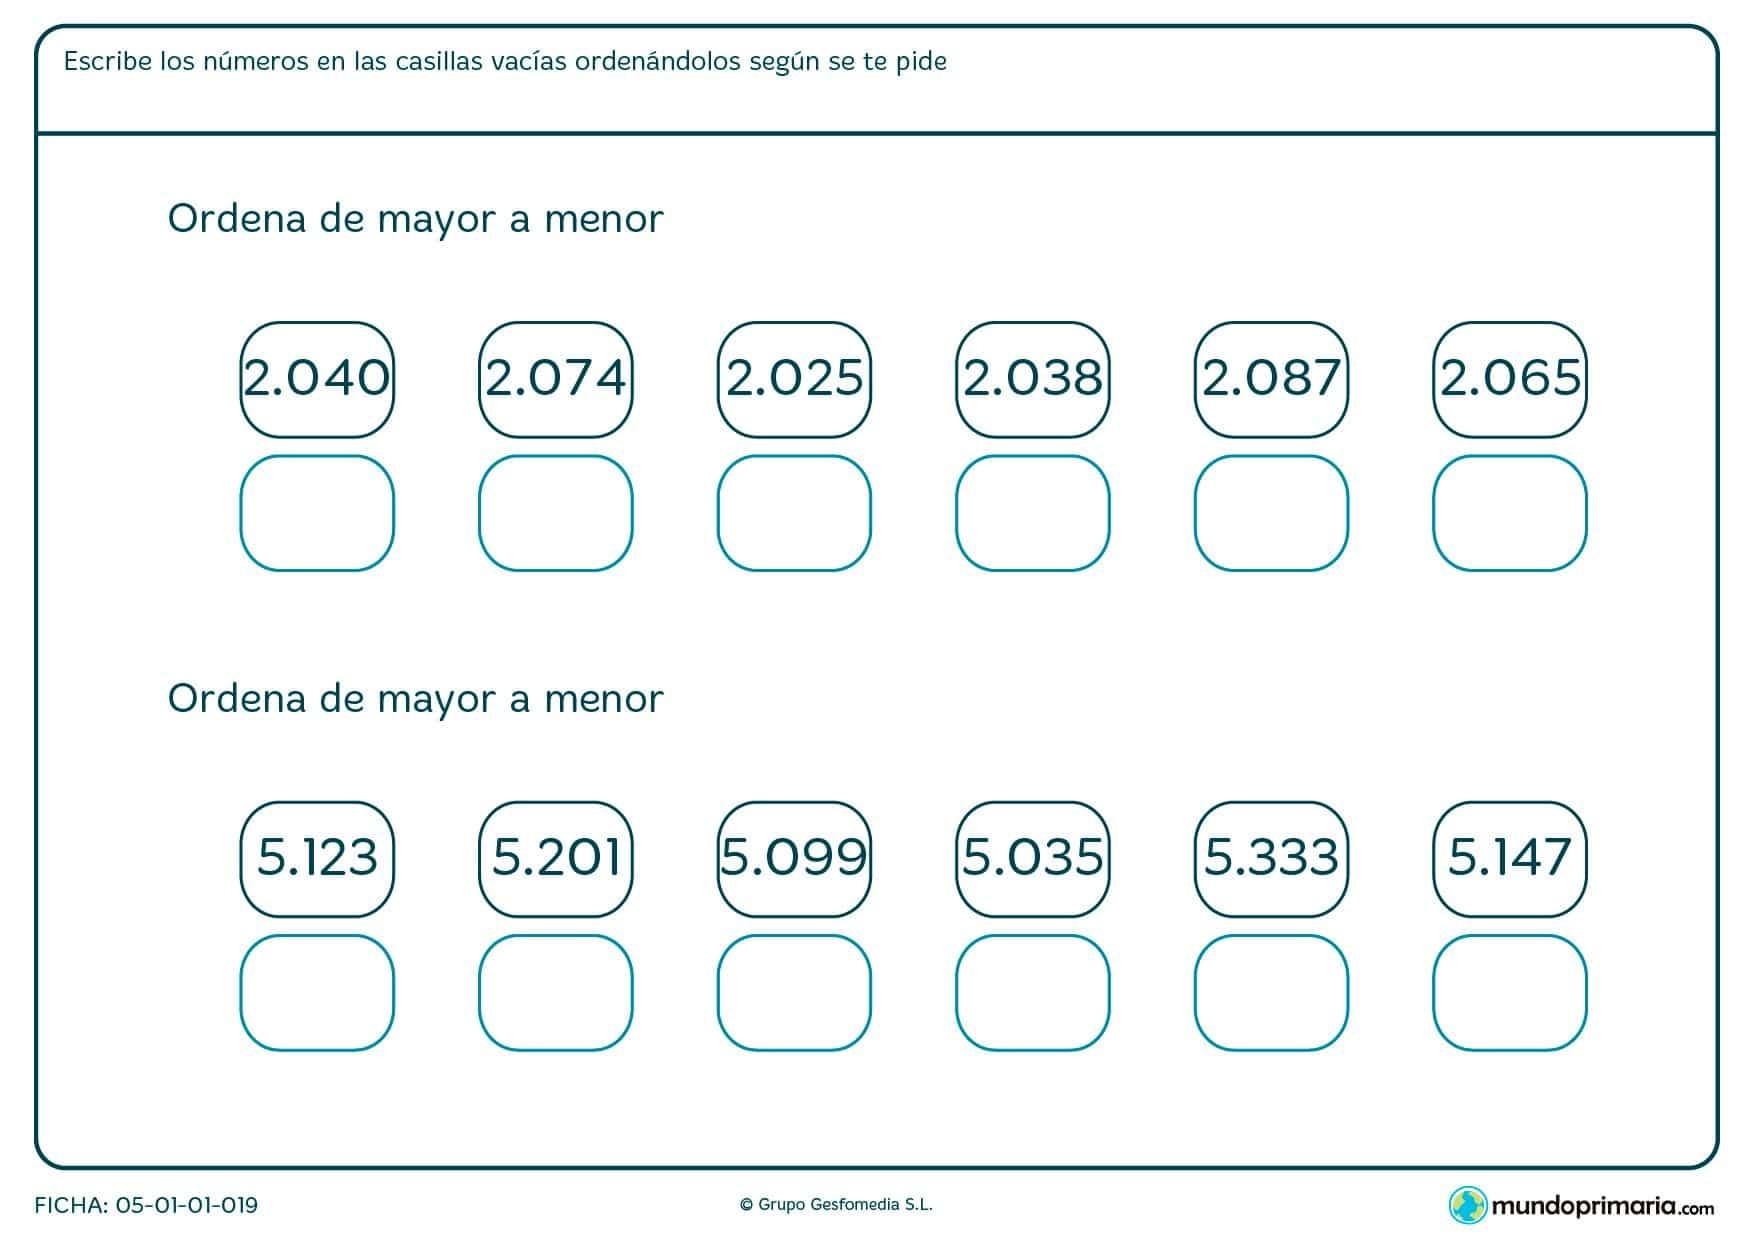 Ficha de ordenar desde el menor número de cuatro cifras en orden de mayor a menor.